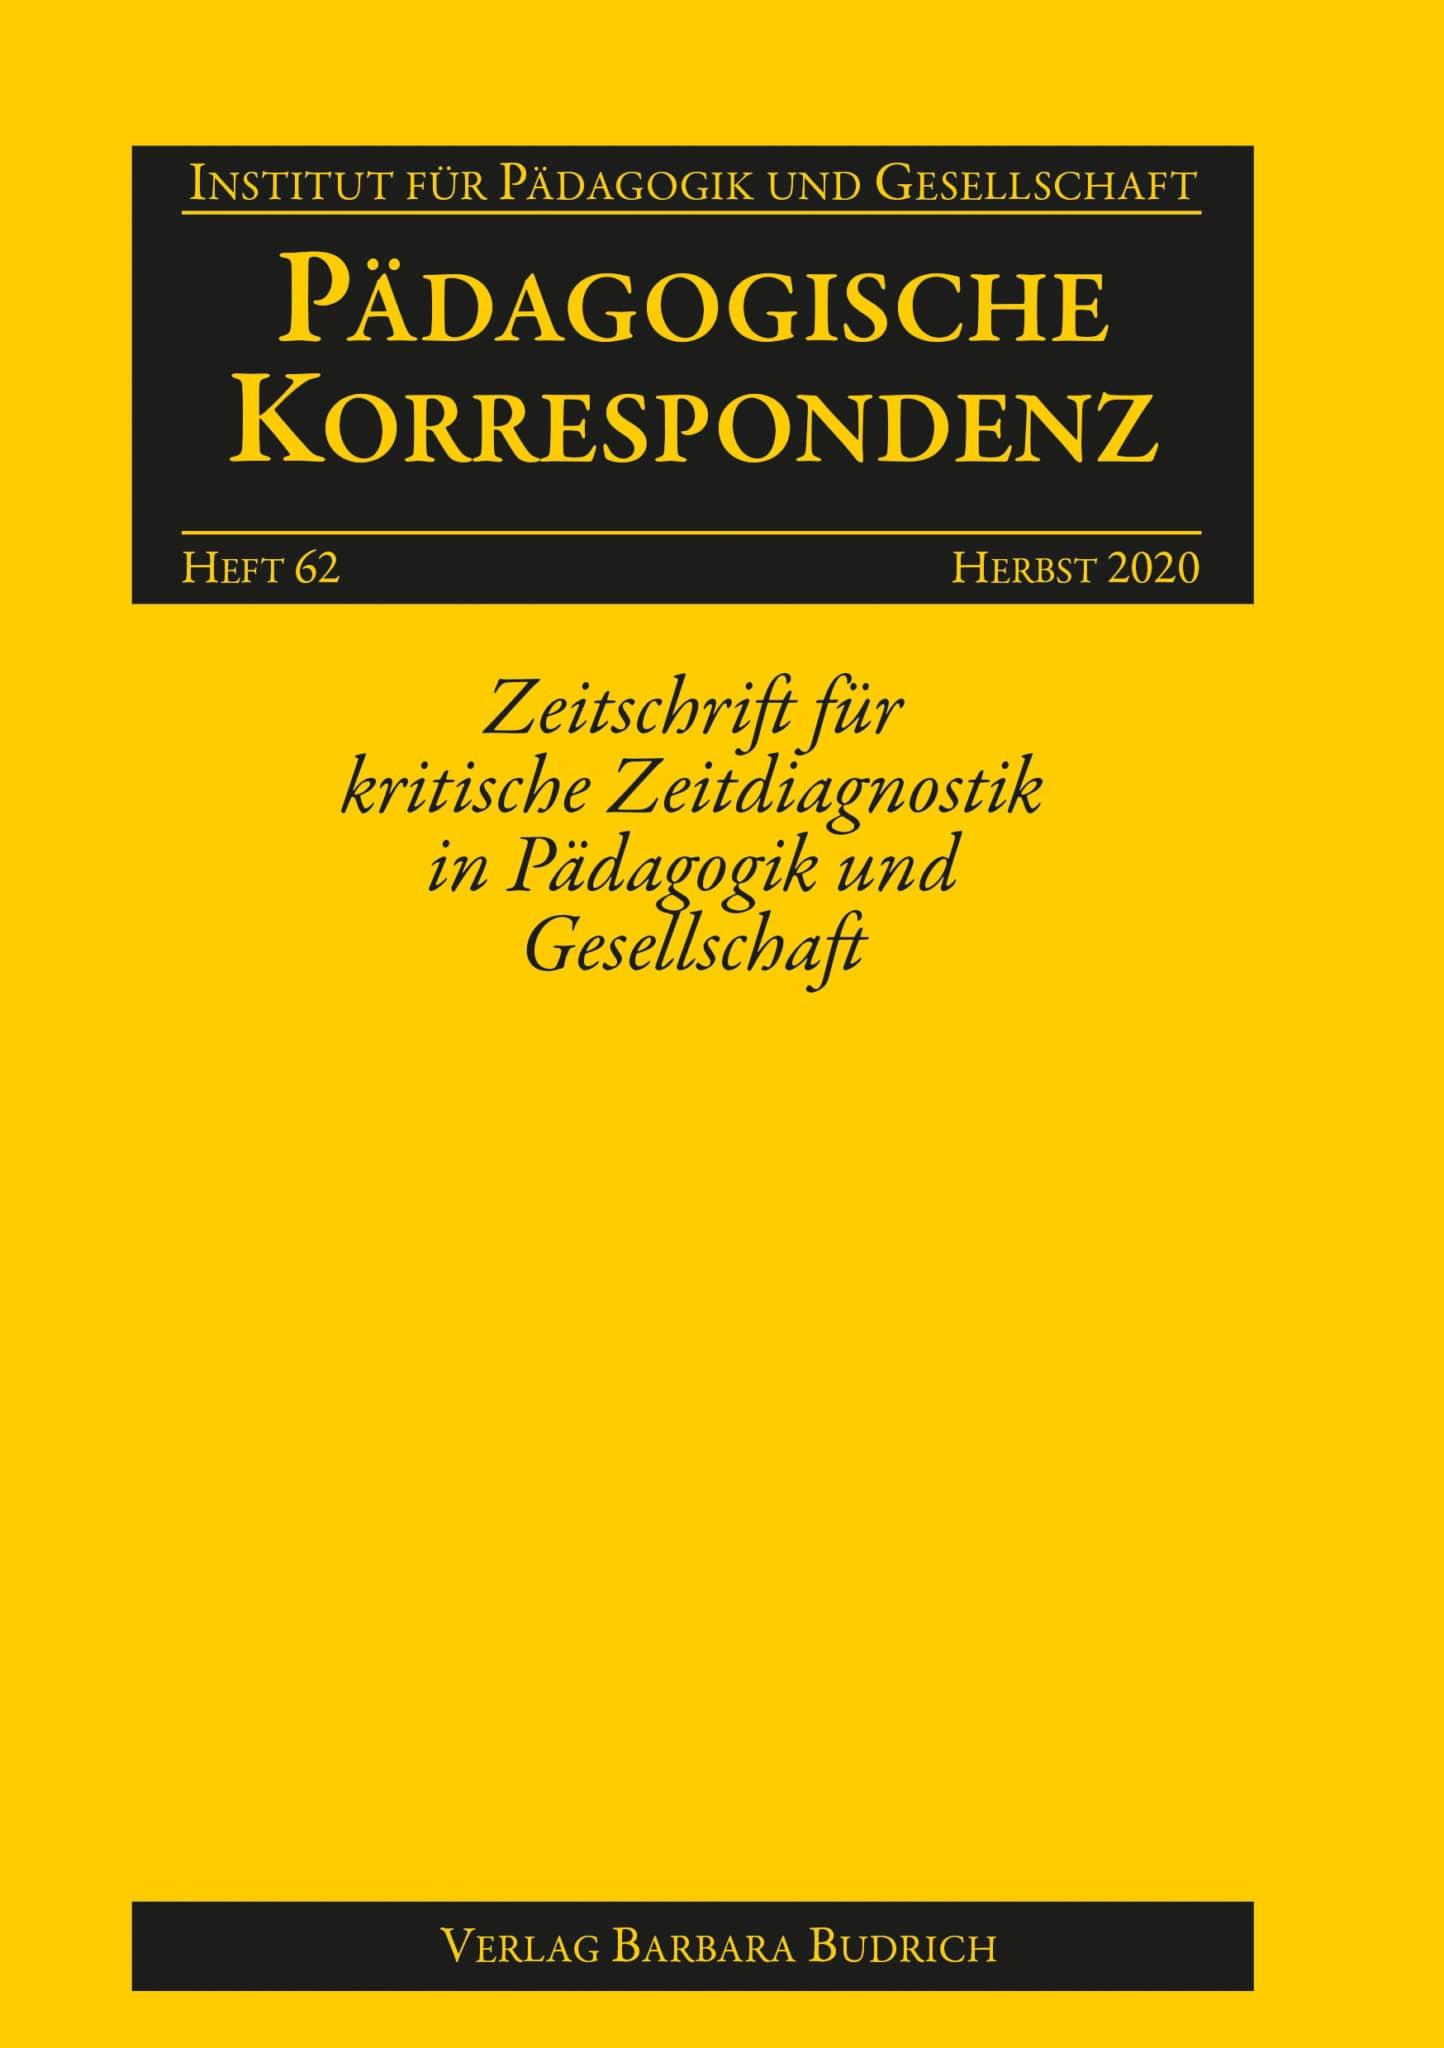 Pädagogische Korrespondenz 2-2020: Freie Beiträge